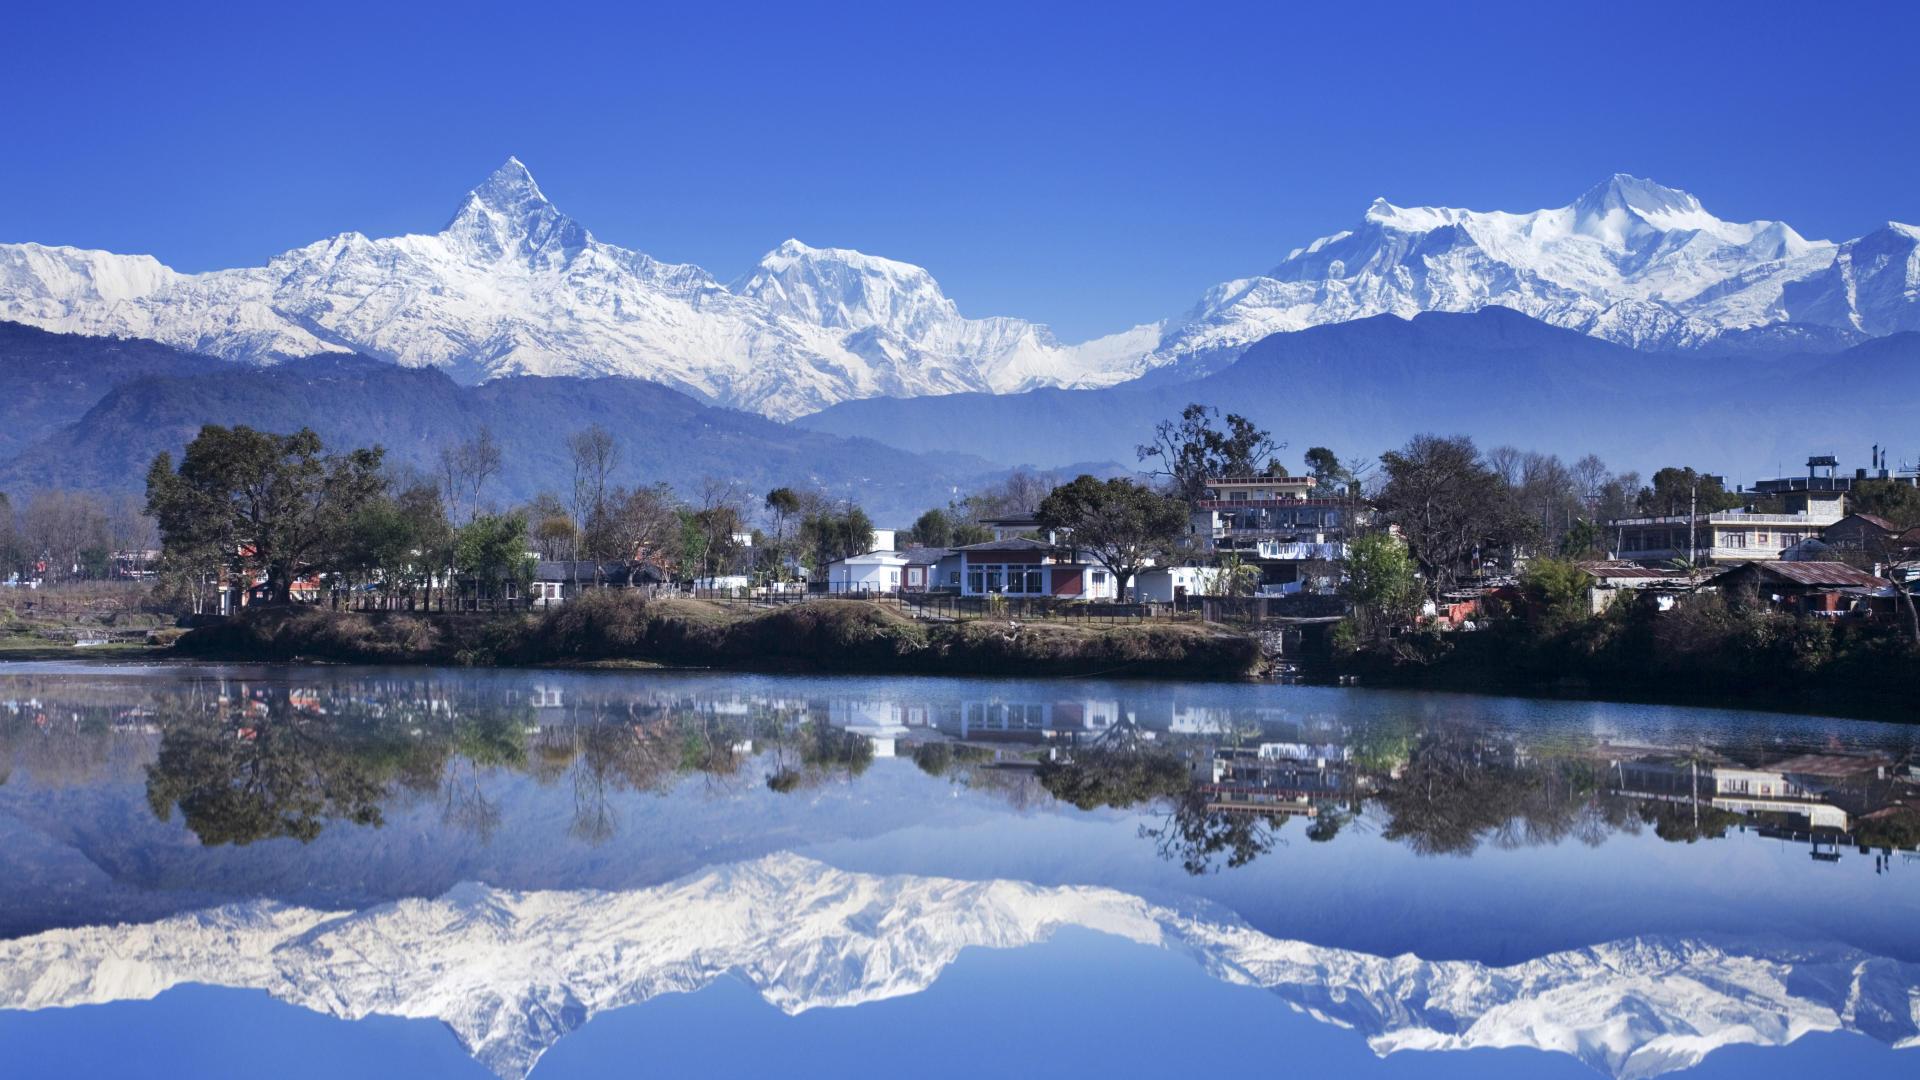 Reflection of mountains in a lake, Fewa Lake, Pokhara, Nepal